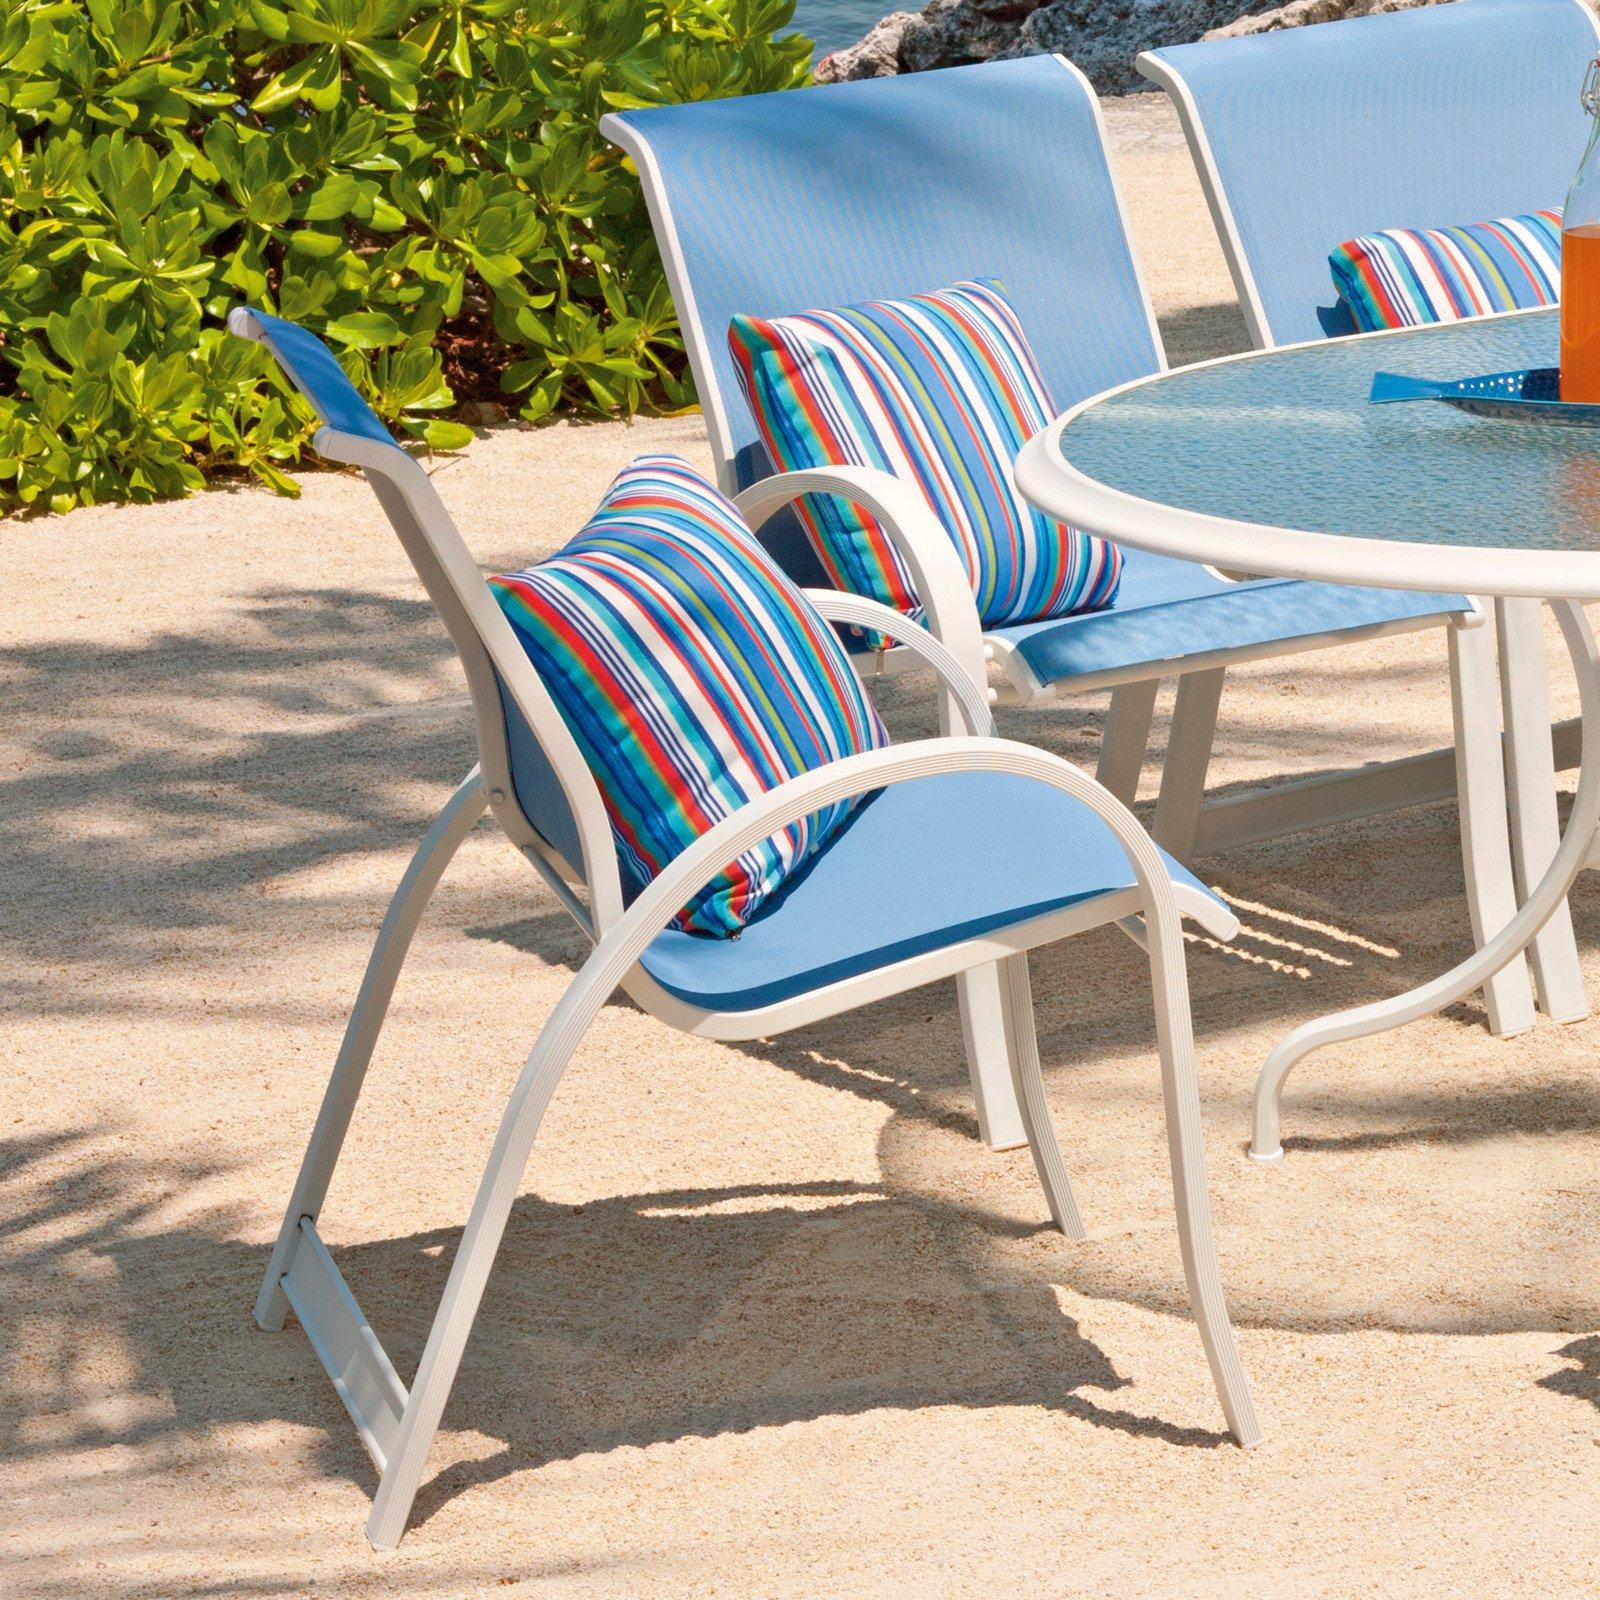 Patio Furniture Plus tario California CA